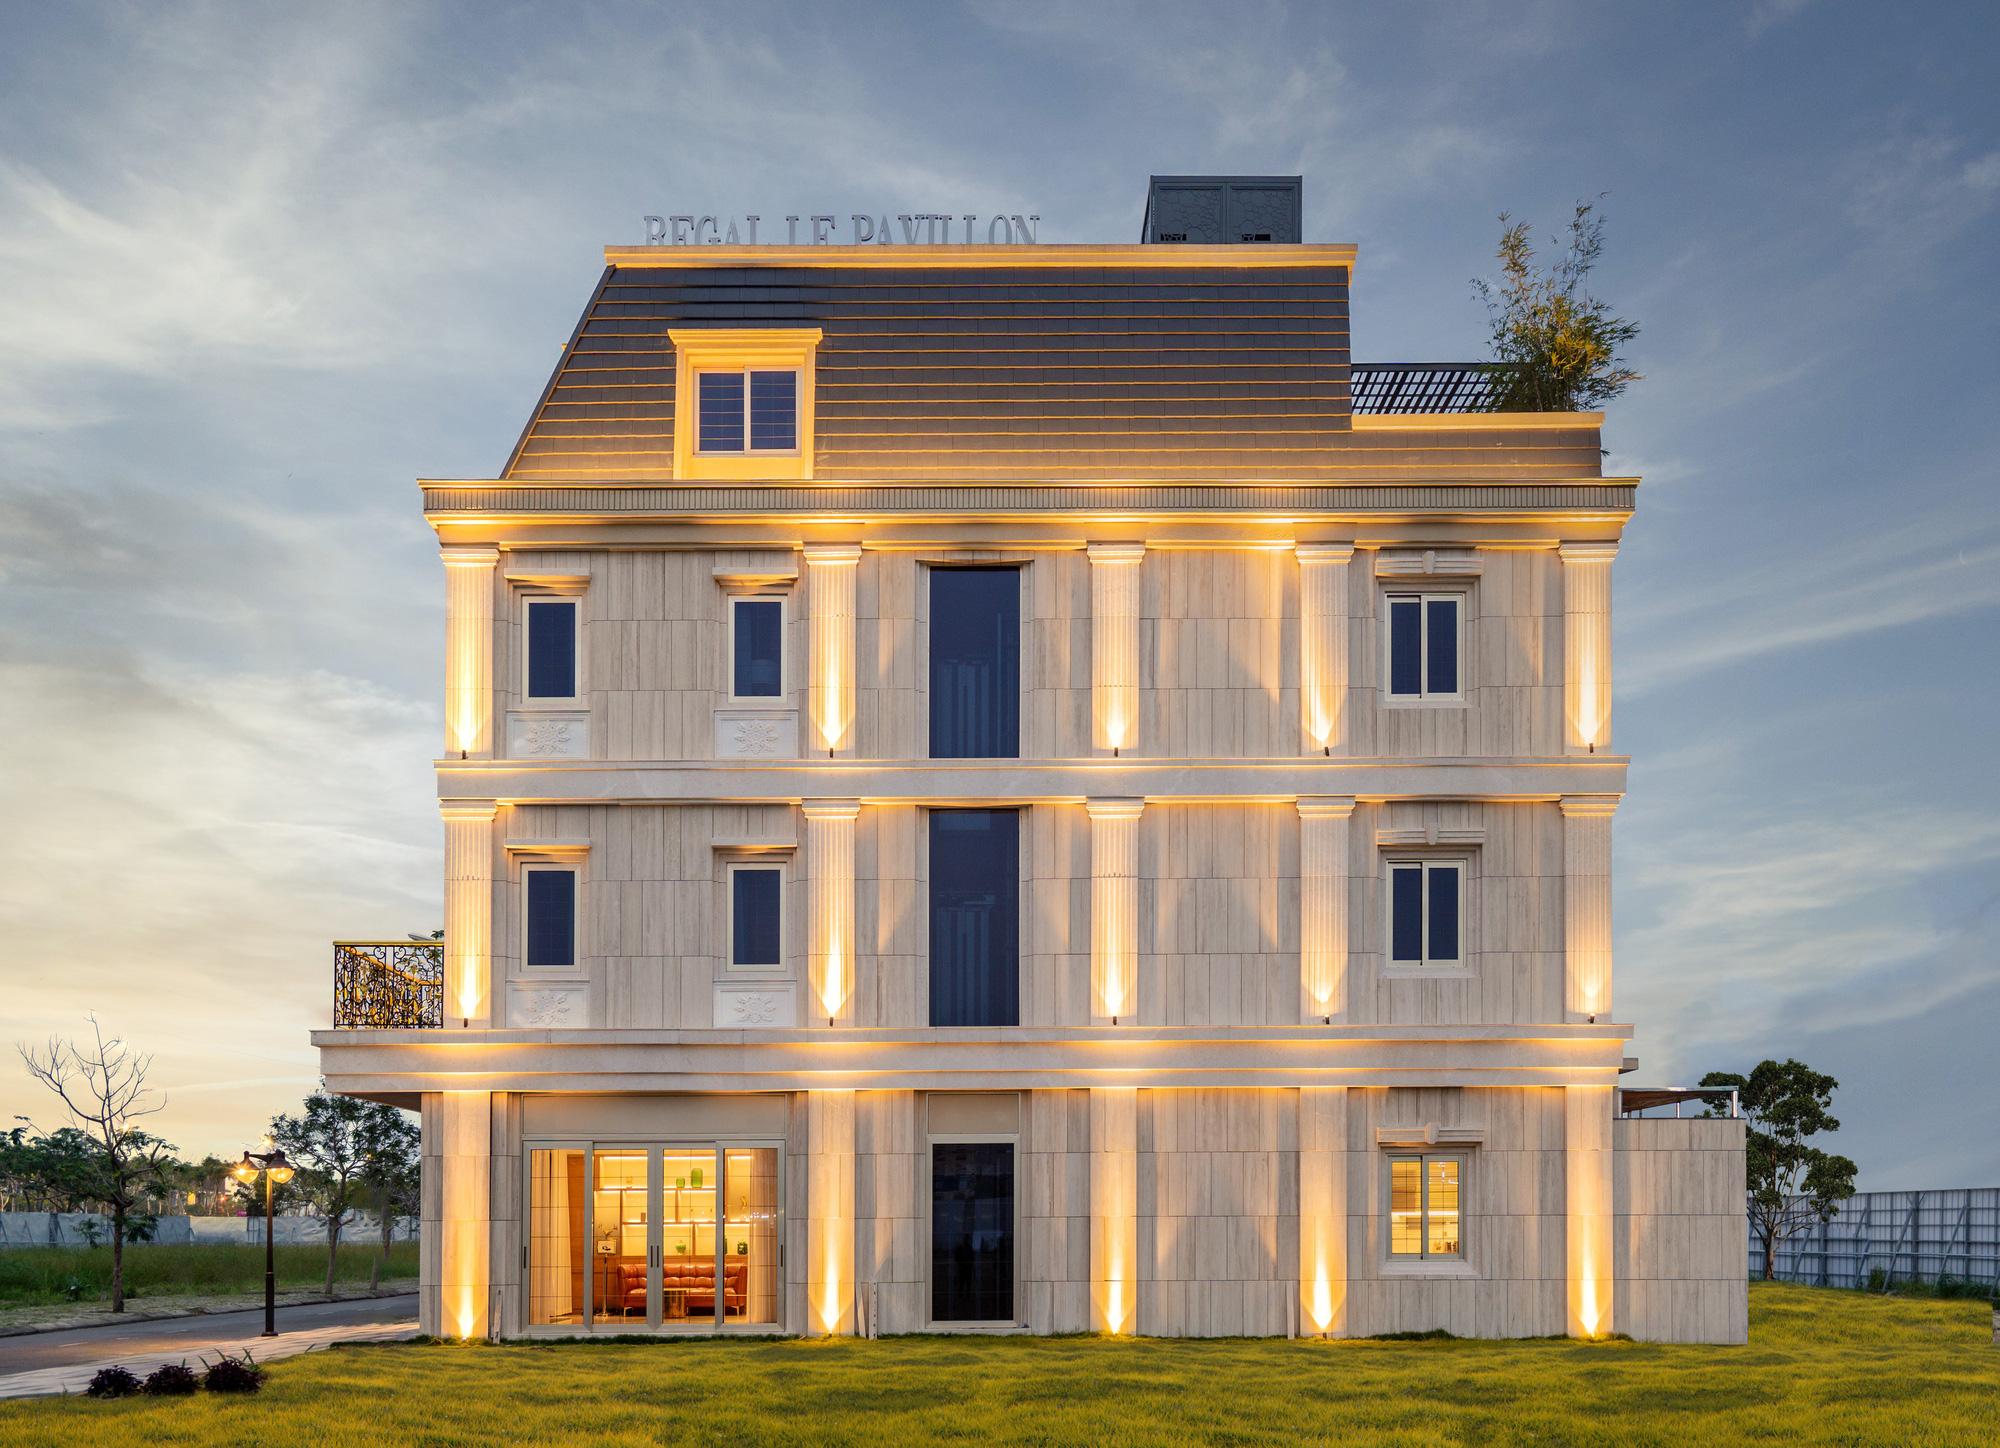 Regal Pavillon – Giá trị bền vững của dự án mang tầm quốc tế  - Ảnh 4.